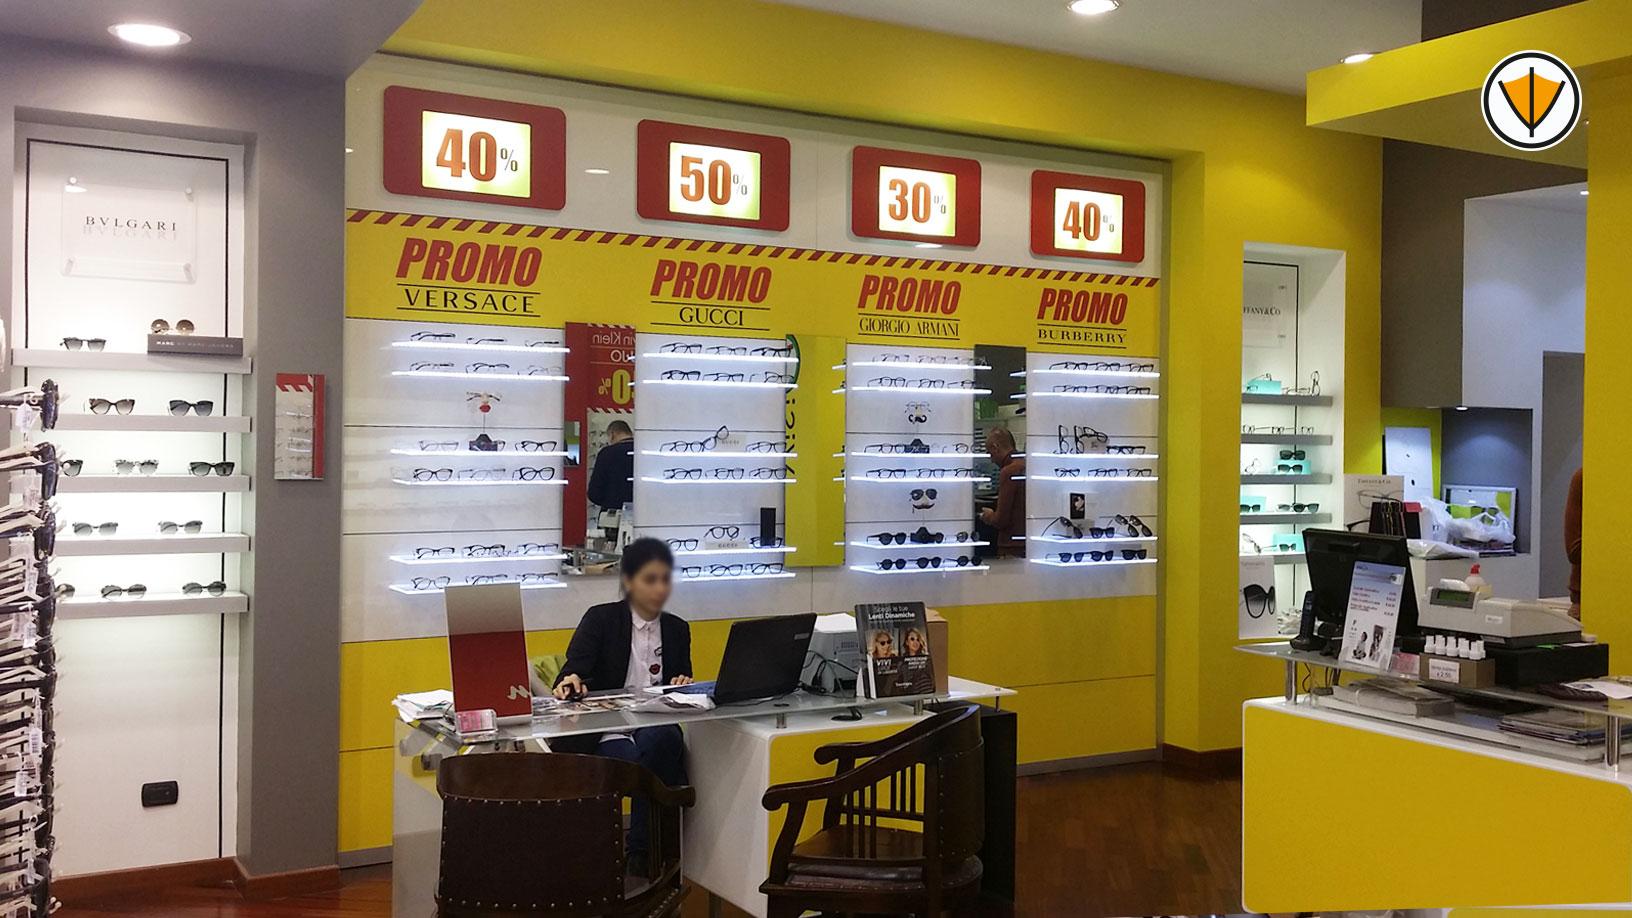 Personalizzazione negozio di ottica Visionè - Dopo